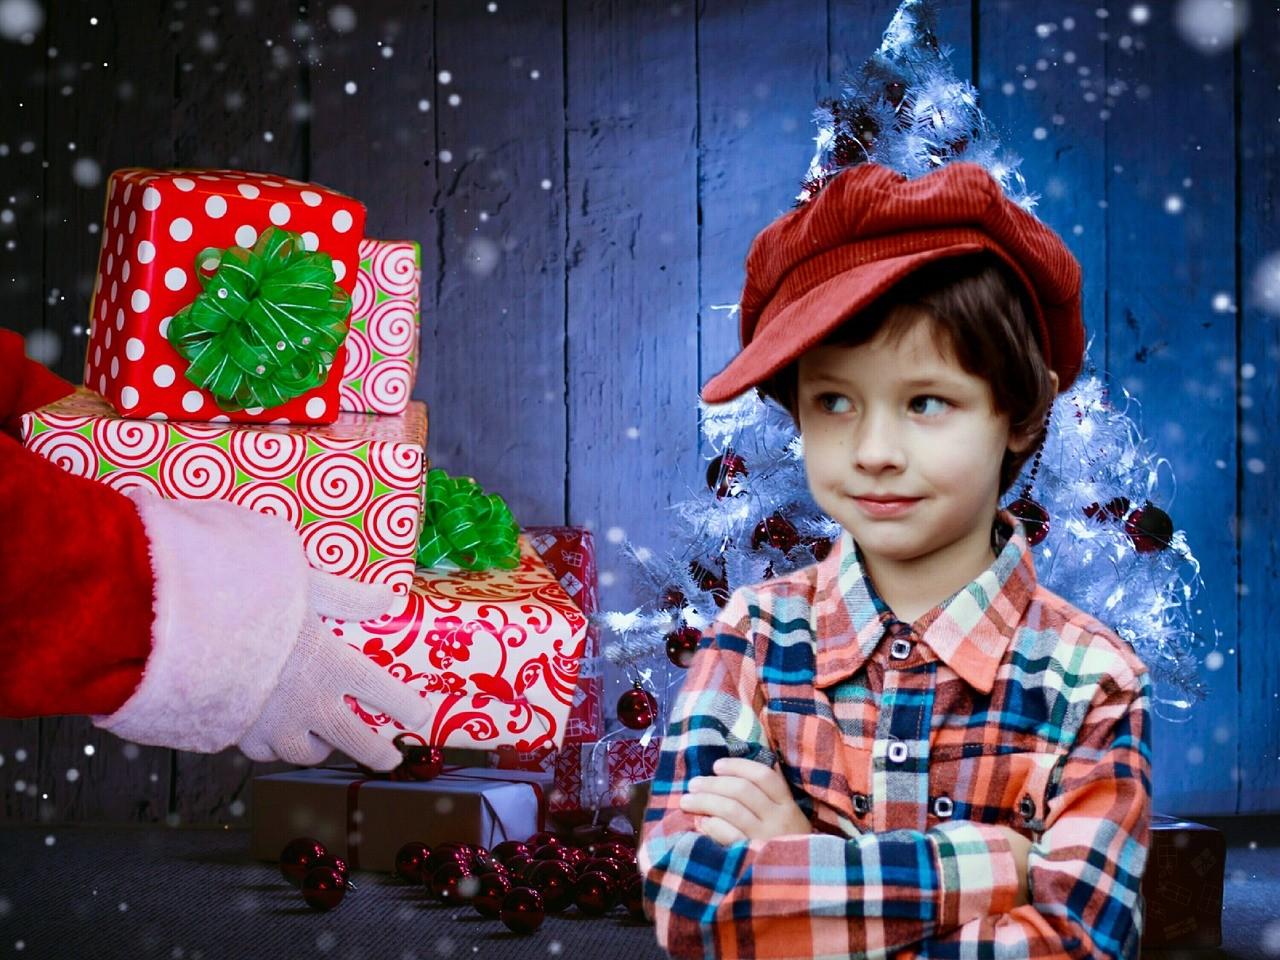 b2dfbaa7cbea 15 ideas de regalos de Navidad para niños que no son juguetes